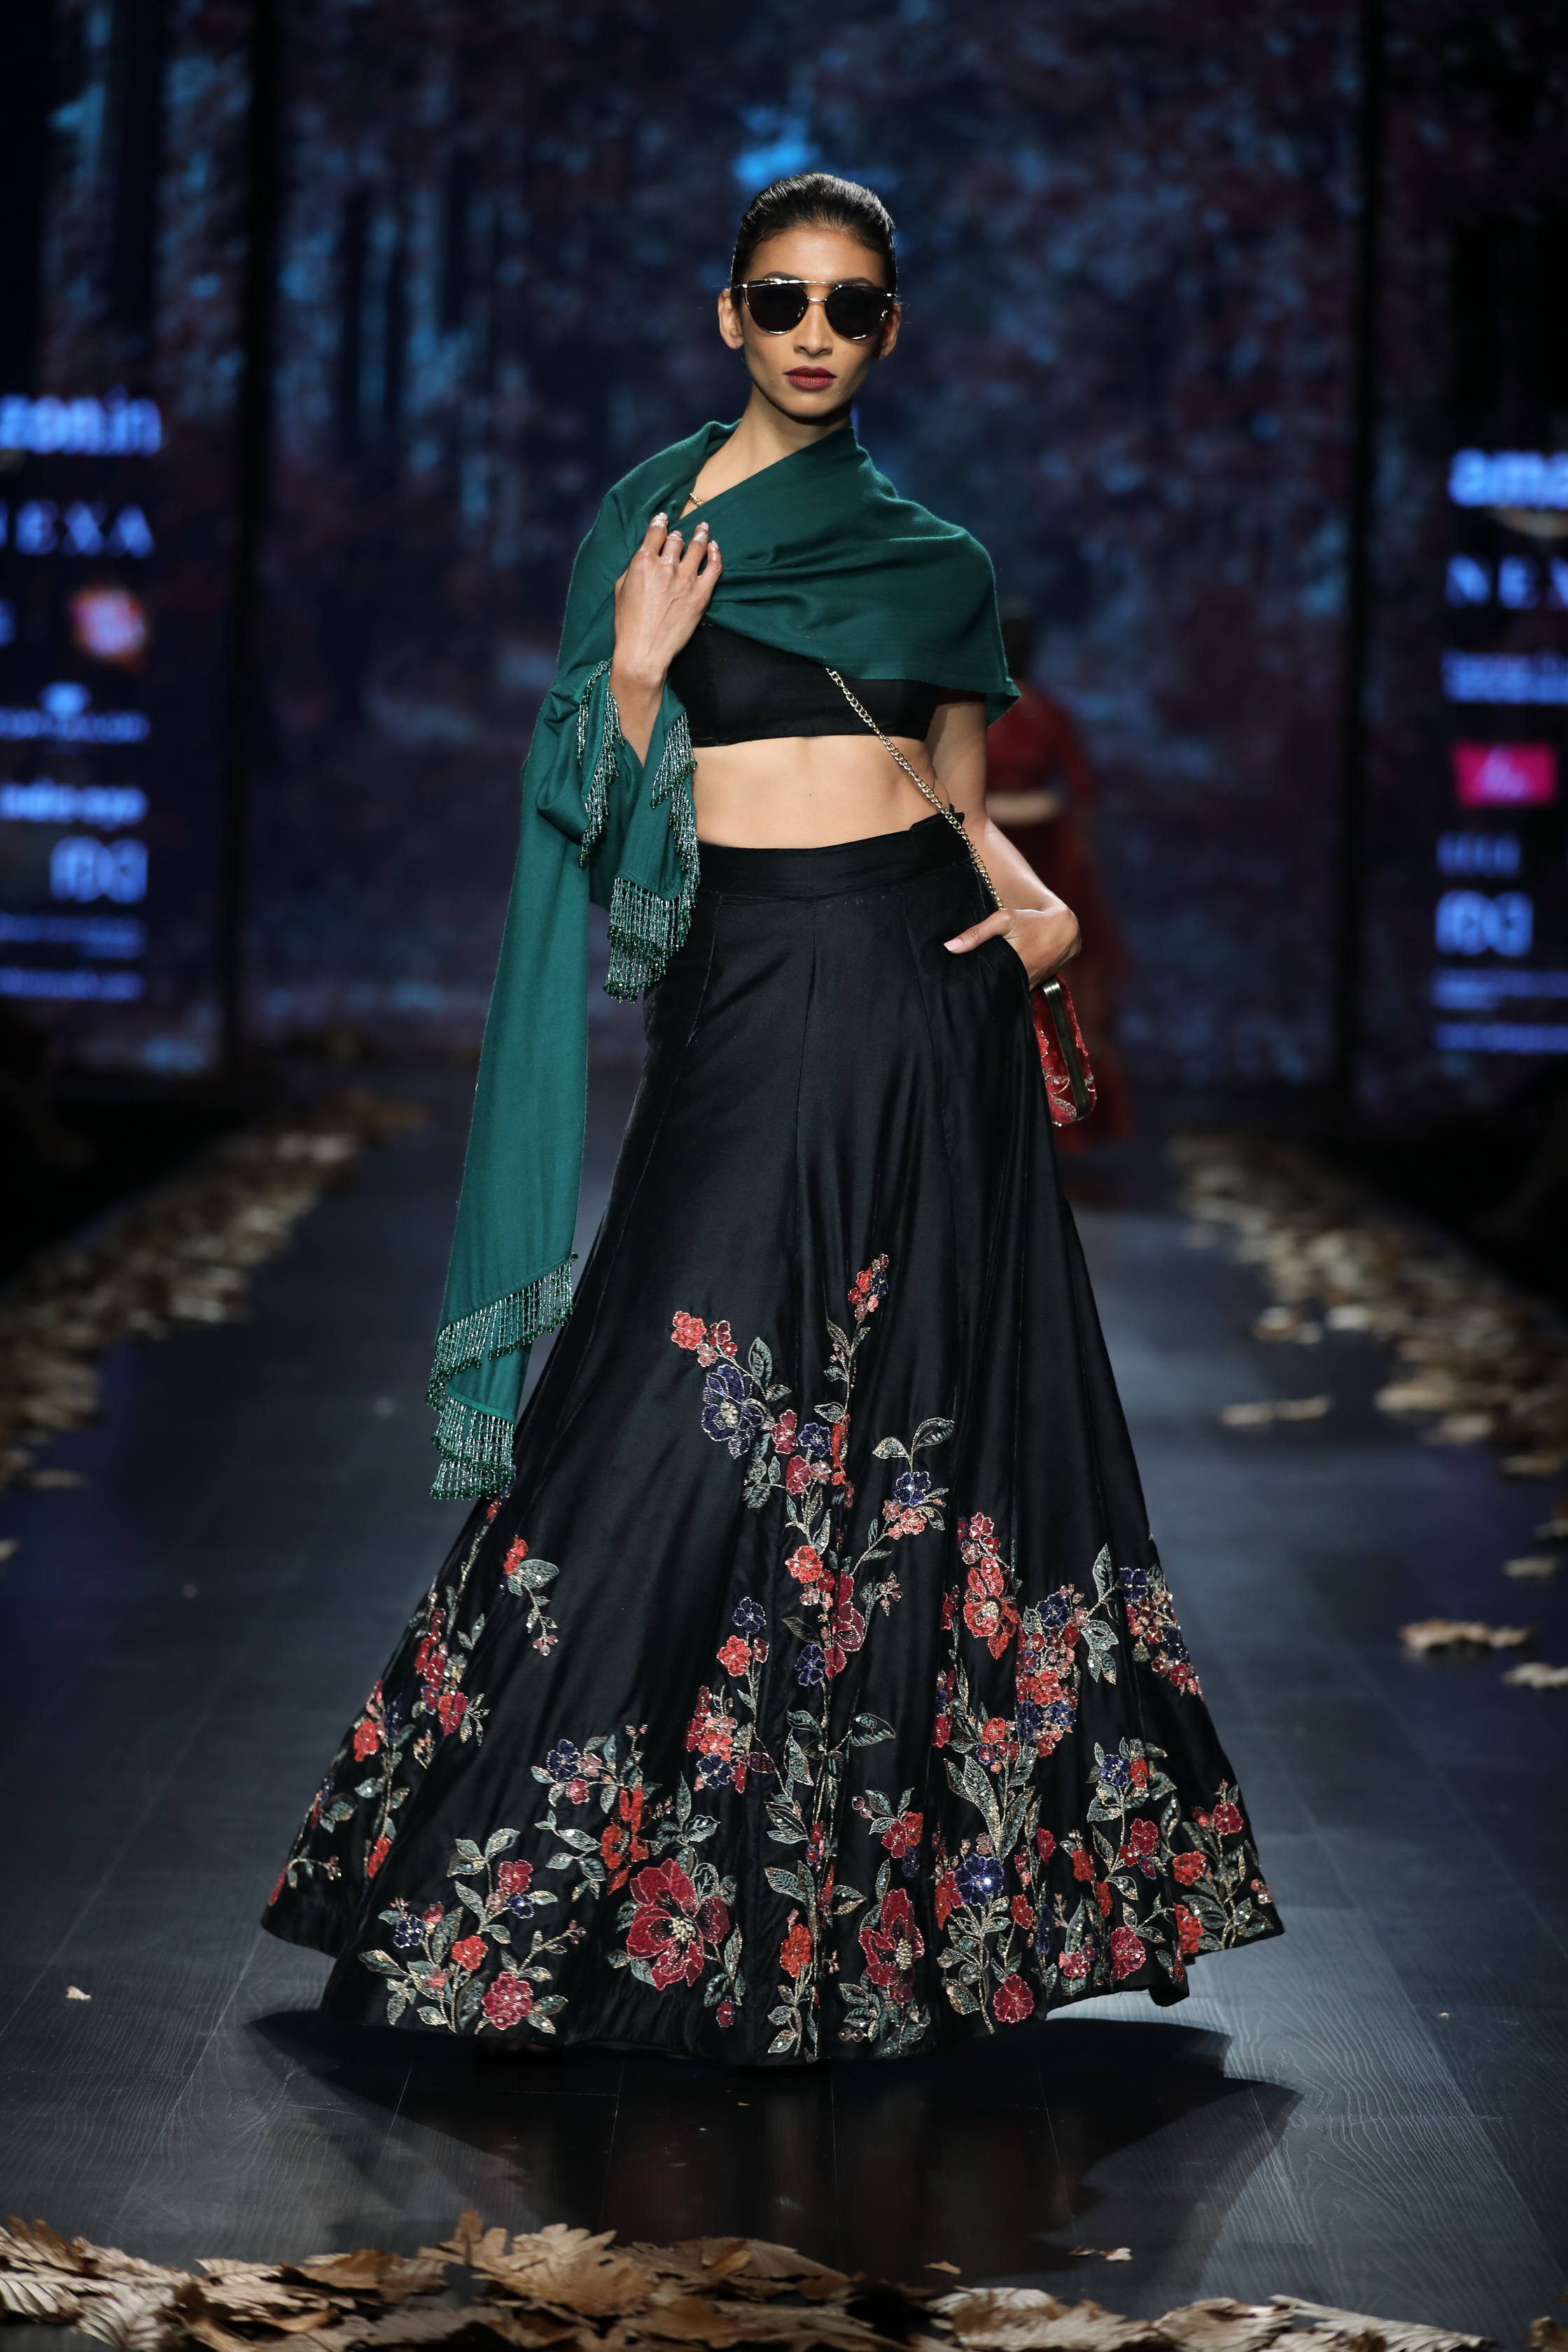 Shyamal and Bhumika at FDCI Amazon India Fashion Week Autumn Winter 2018